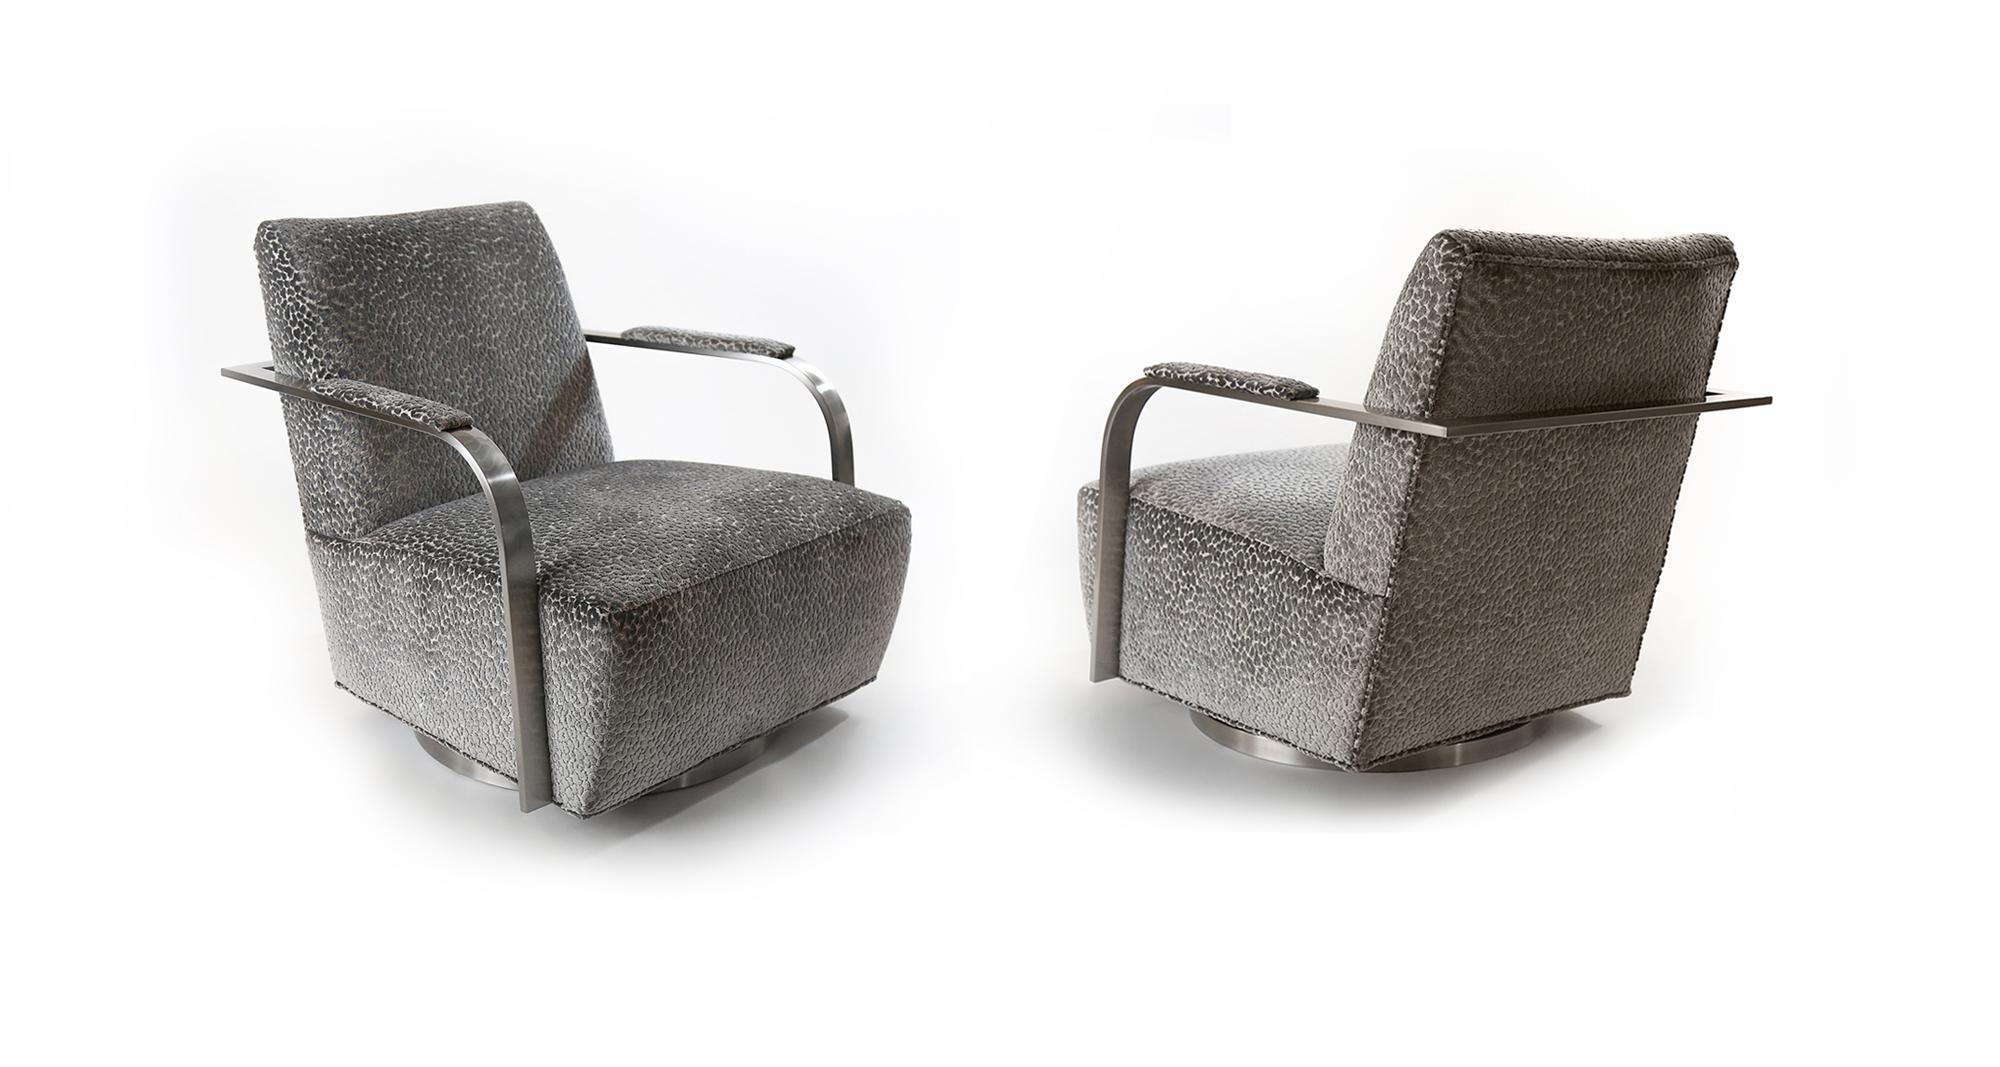 Zac Swivel Chair